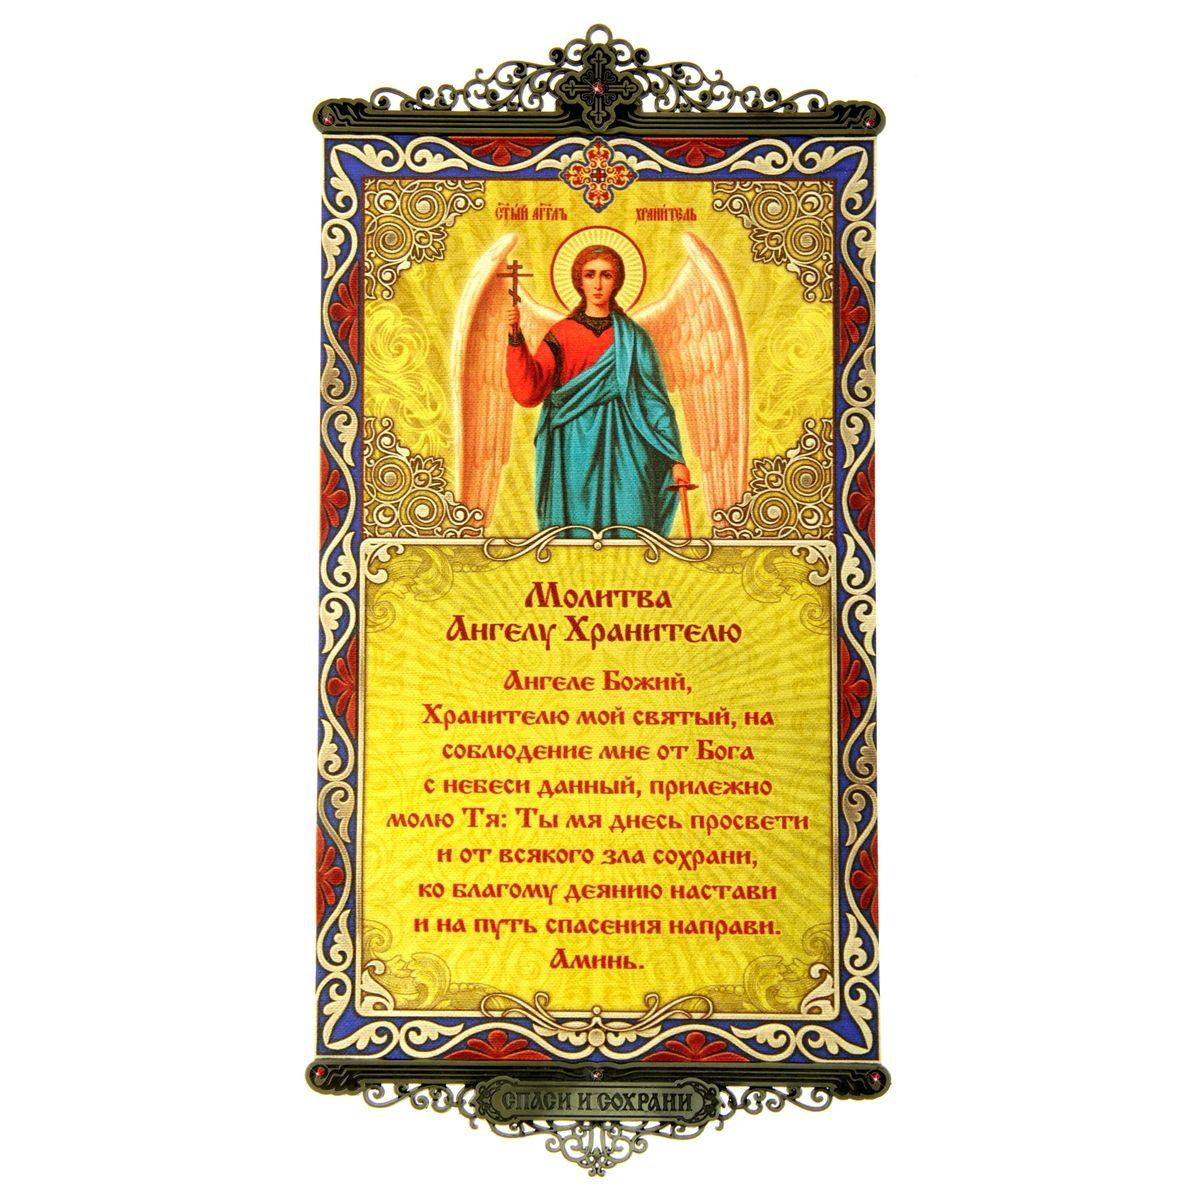 Икона с молитвой Молитва Ангелу Хранителю, на подвесах602827Икона с молитвой Молитва Ангелу Хранителю выполнена из плотного текстиля с нанесенным цветным рисунком, края декорированы ажурными металлическими вставками со стразами. Цветовая гамма и интерьер влияют на настроение каждого, именно поэтому так важны детали, которые нас окружают. Знатоки интерьерных решений стараются применять самые разнообразные решения при художественном оформлении внутреннего пространства и использовать все возможные материалы. Икона с молитвой на подвесах - это хорошее решение для интерьера по выгодной цене!